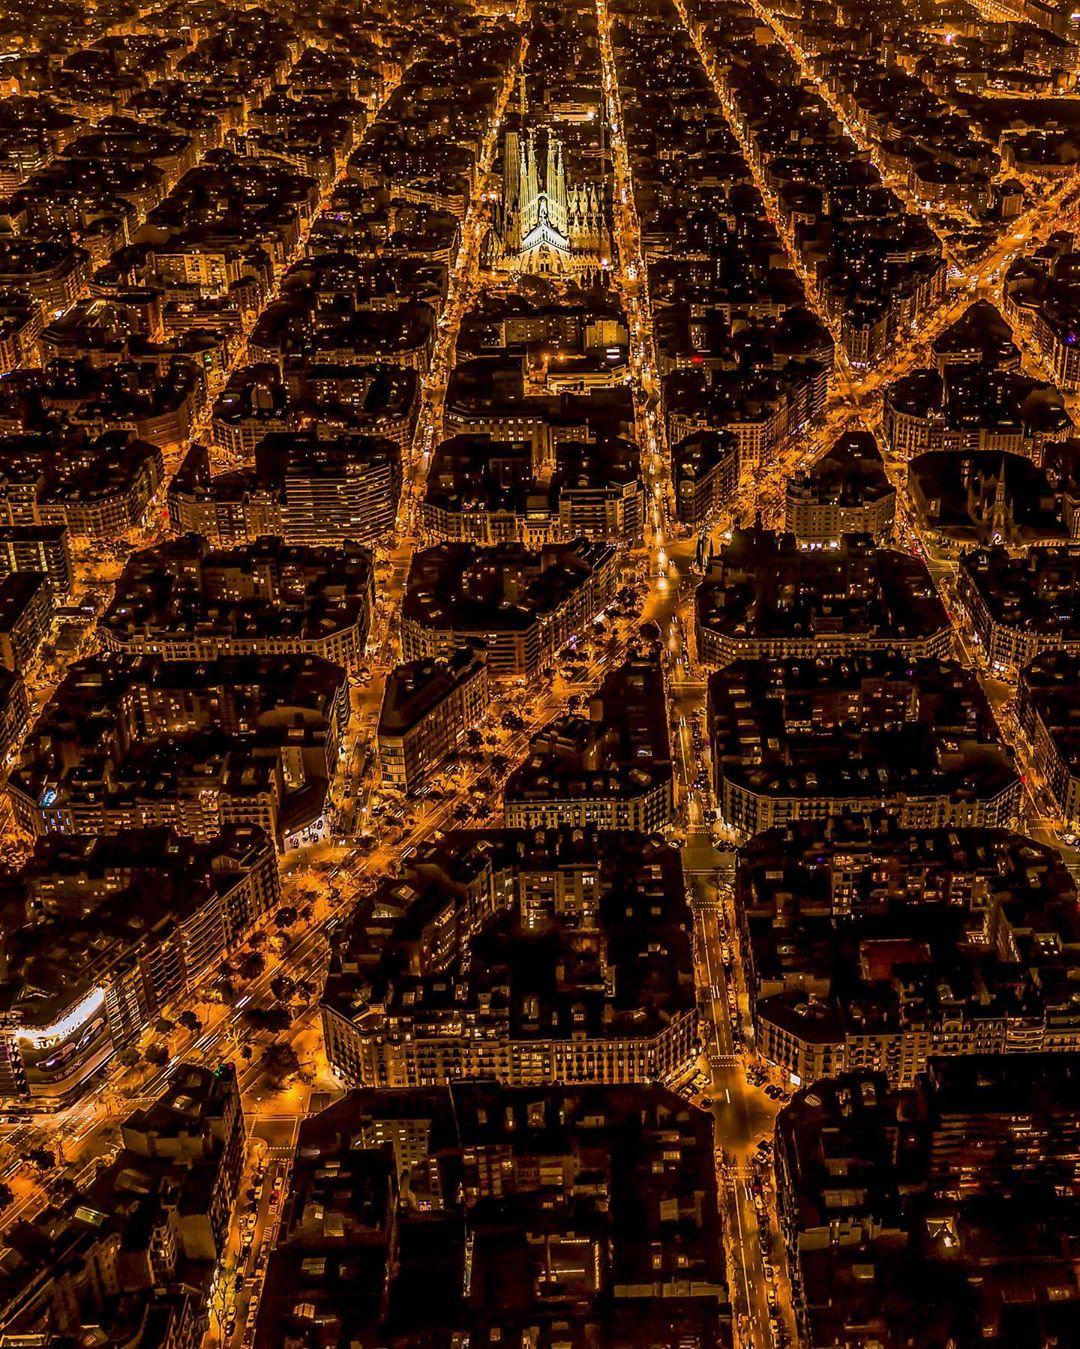 Природные и городские пейзажи на аэрофотоснимках Эвота Пахуда де Мортанжа